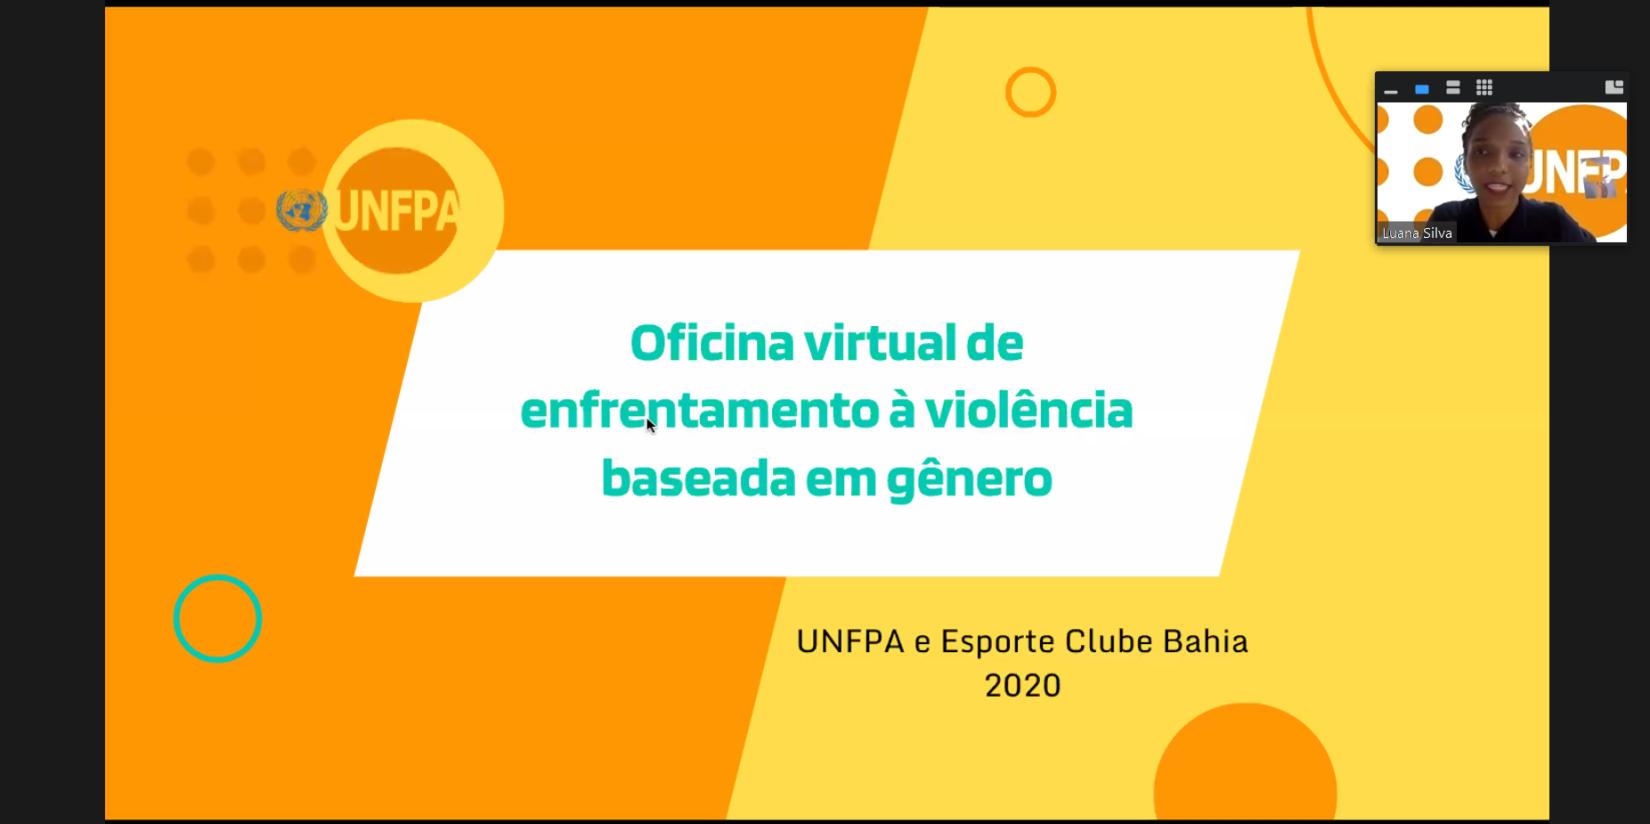 Oficina do UNFPA com profissionais do Esporte Clube Bahia